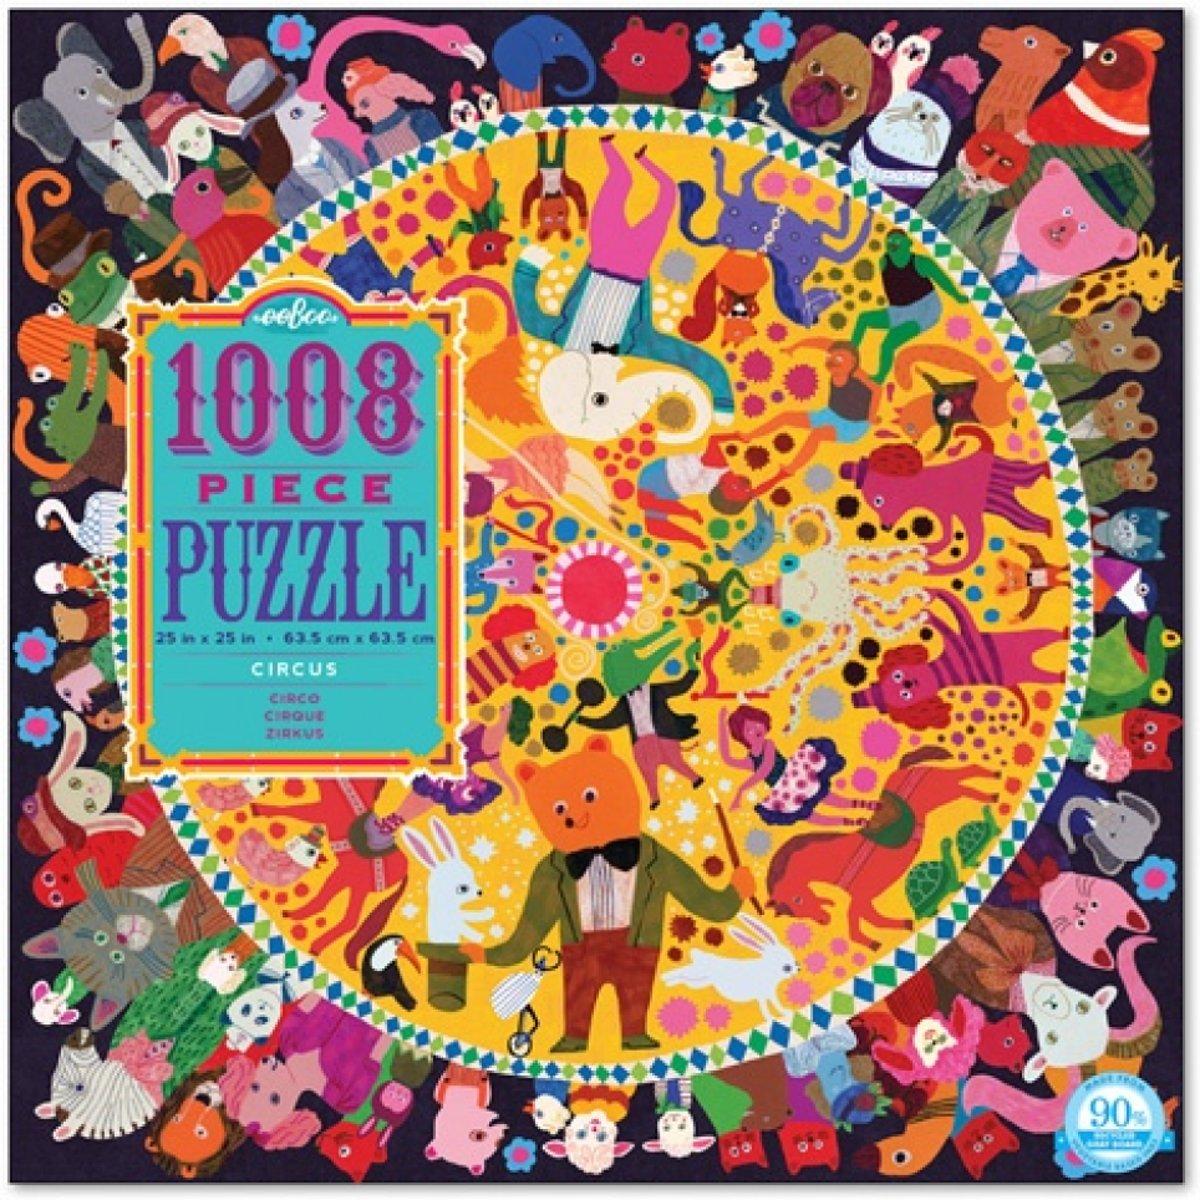 Eeboo Puzzel Familie: circus 1008 stukjes kopen